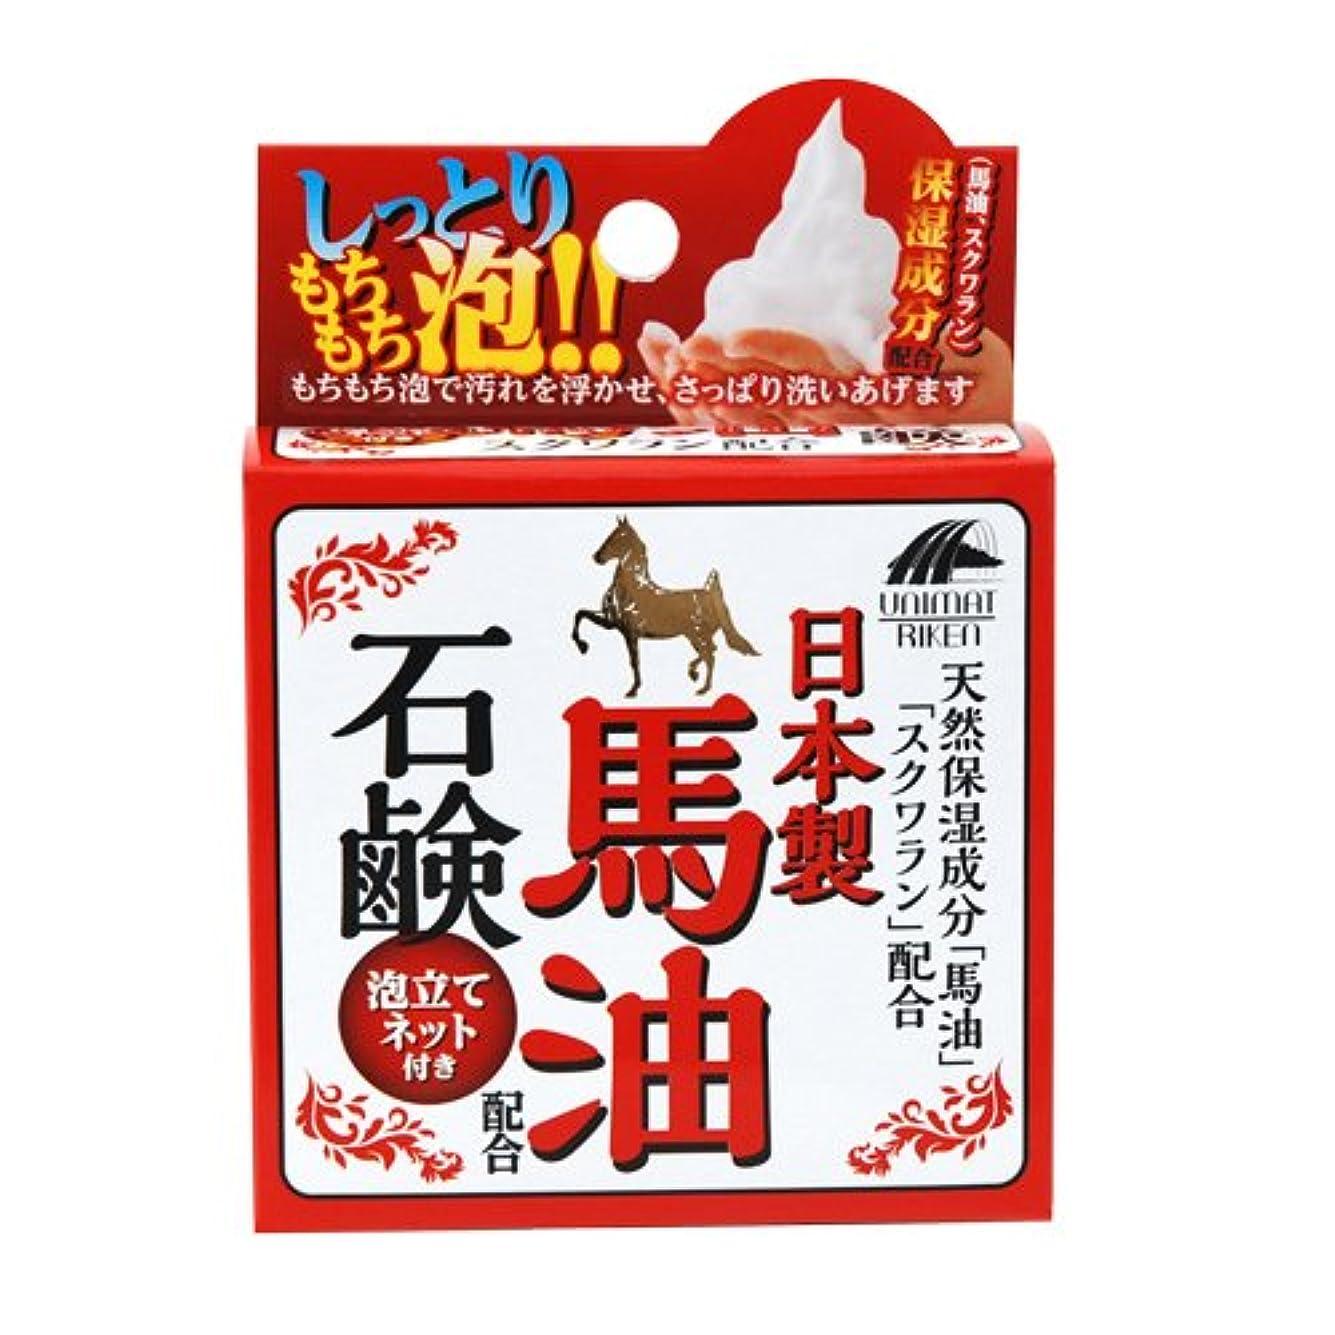 シリング統計的診療所ユニマットリケン 日本製 馬油石鹸 100g